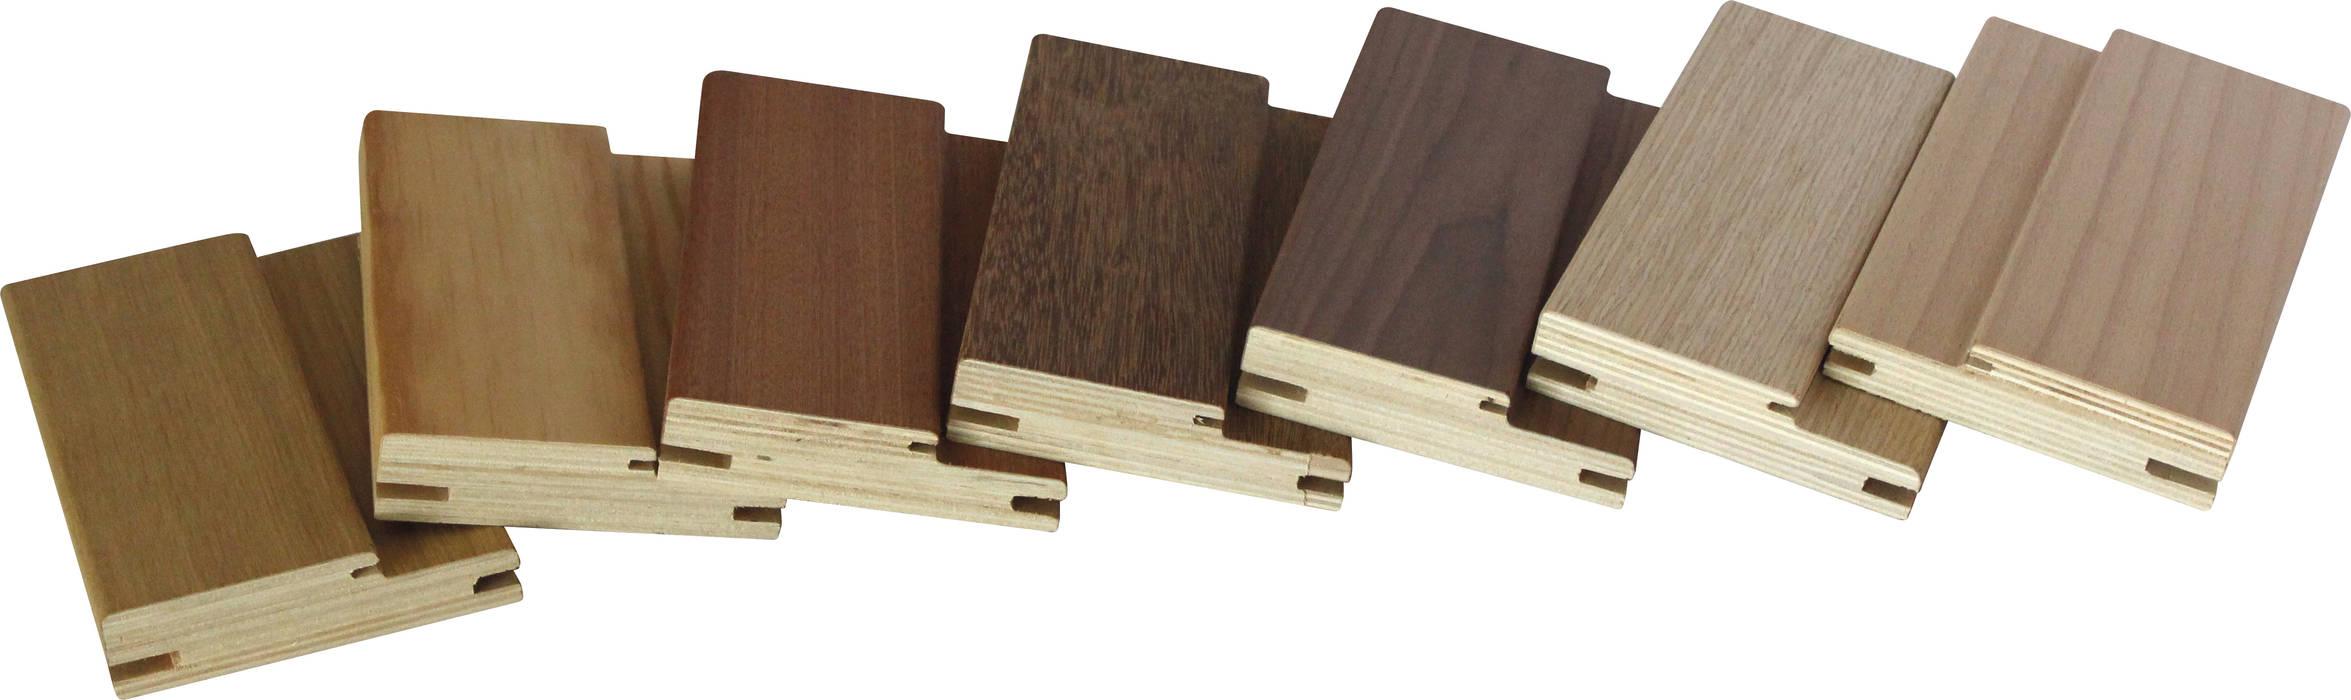 Aros espessura 25 contraplacados de madeira de bétula por Grupo Corpe® Moderno Contraplacado